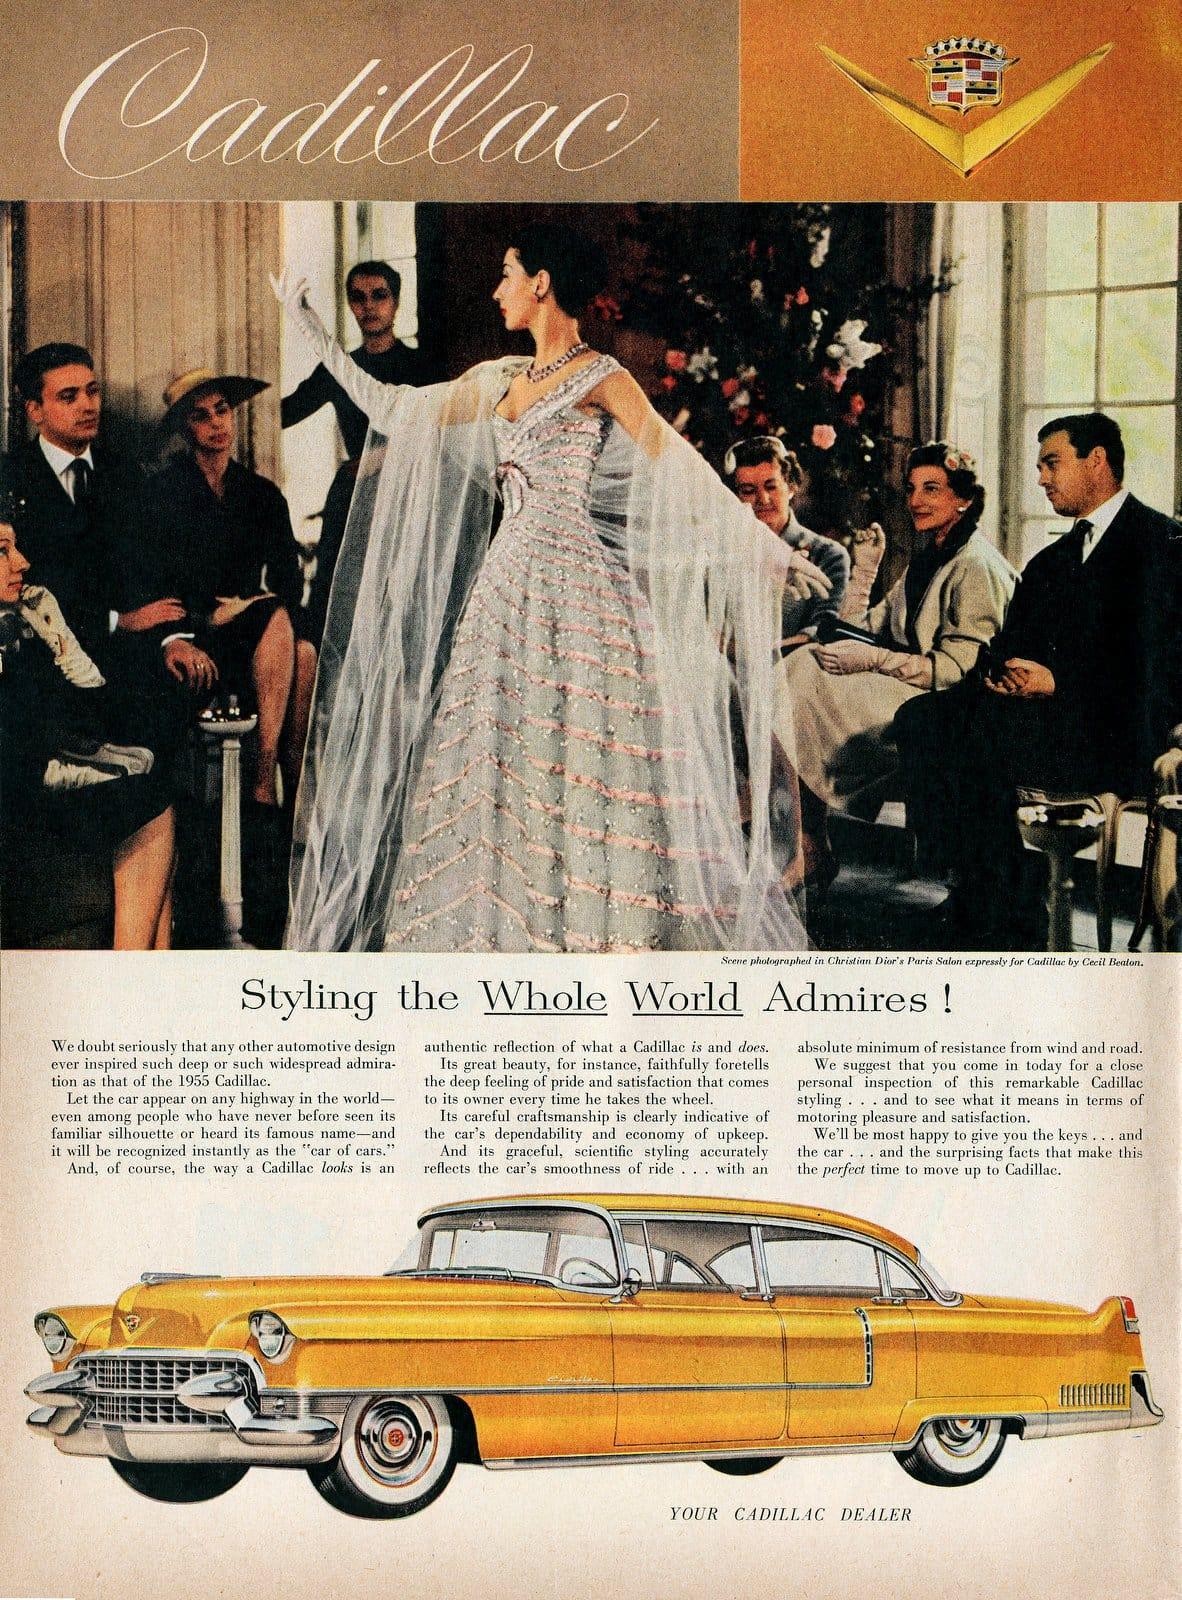 Fancy 1955 Cadillac car